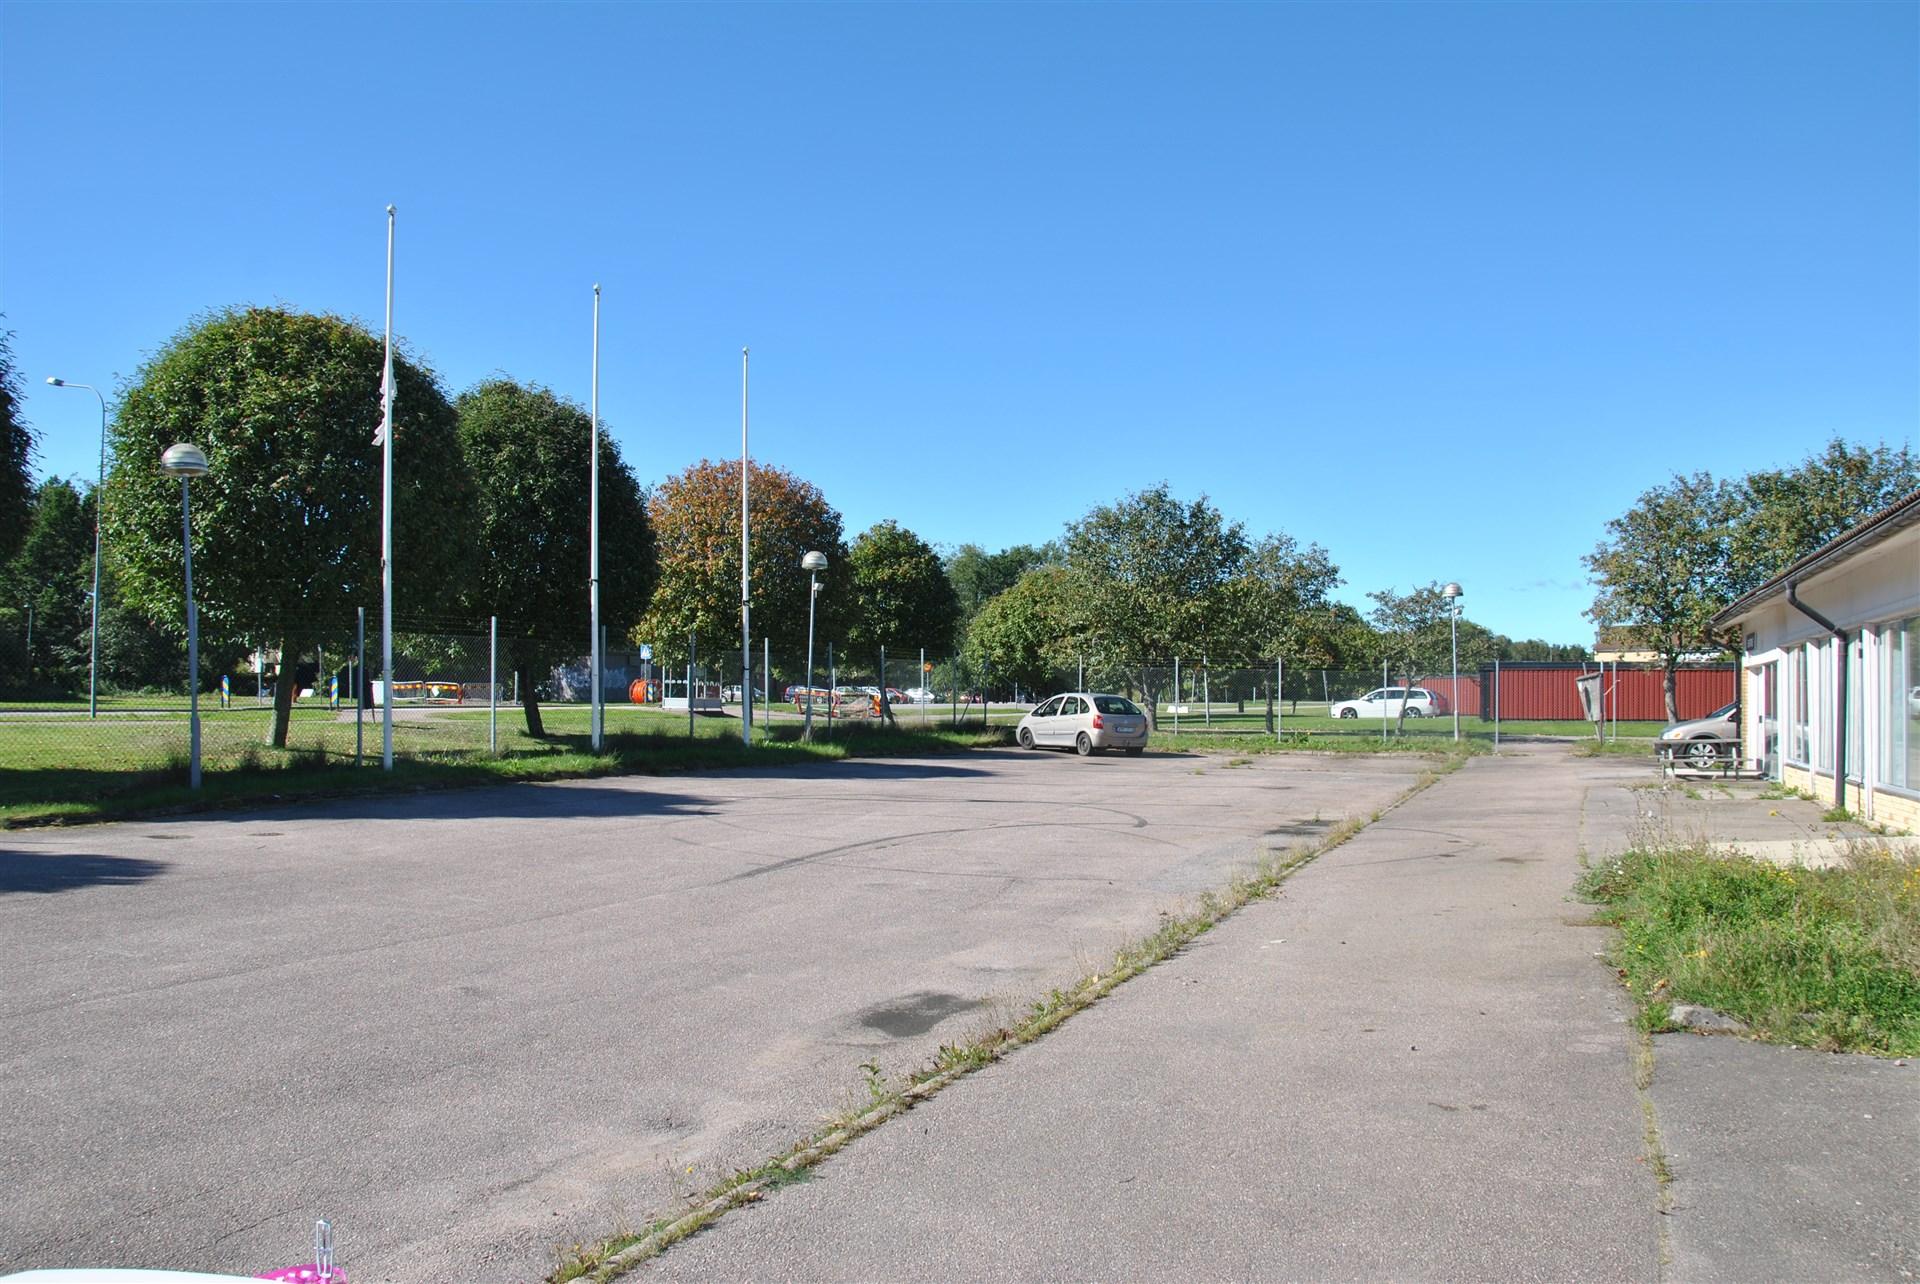 Rejäla uppställnings-/parkeringsytor